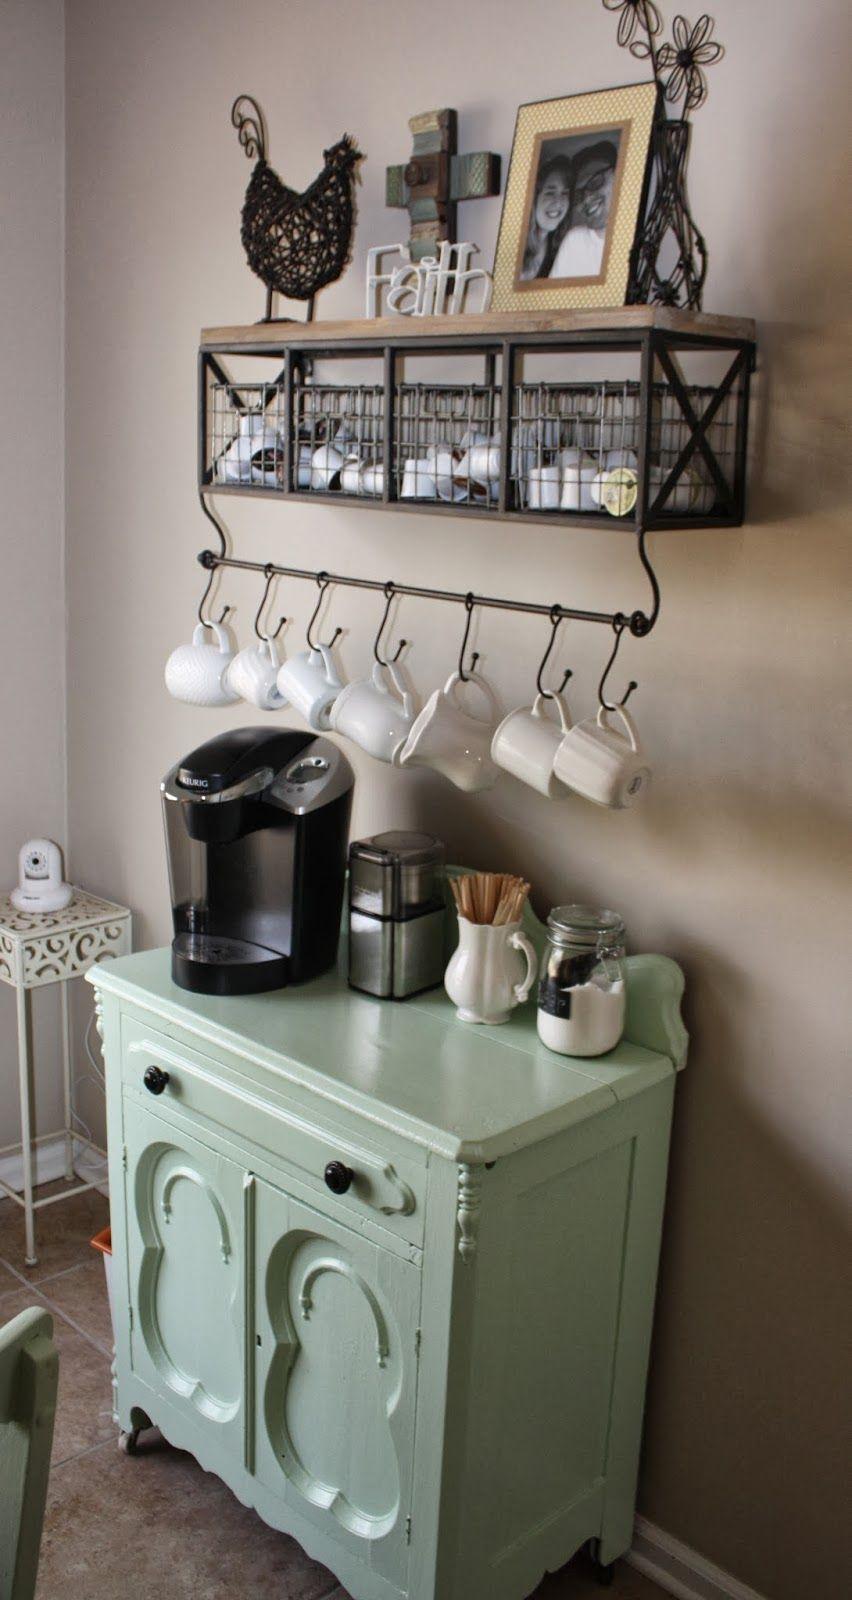 Estacion de cafe coffeetea bar pinterest drawer shelves